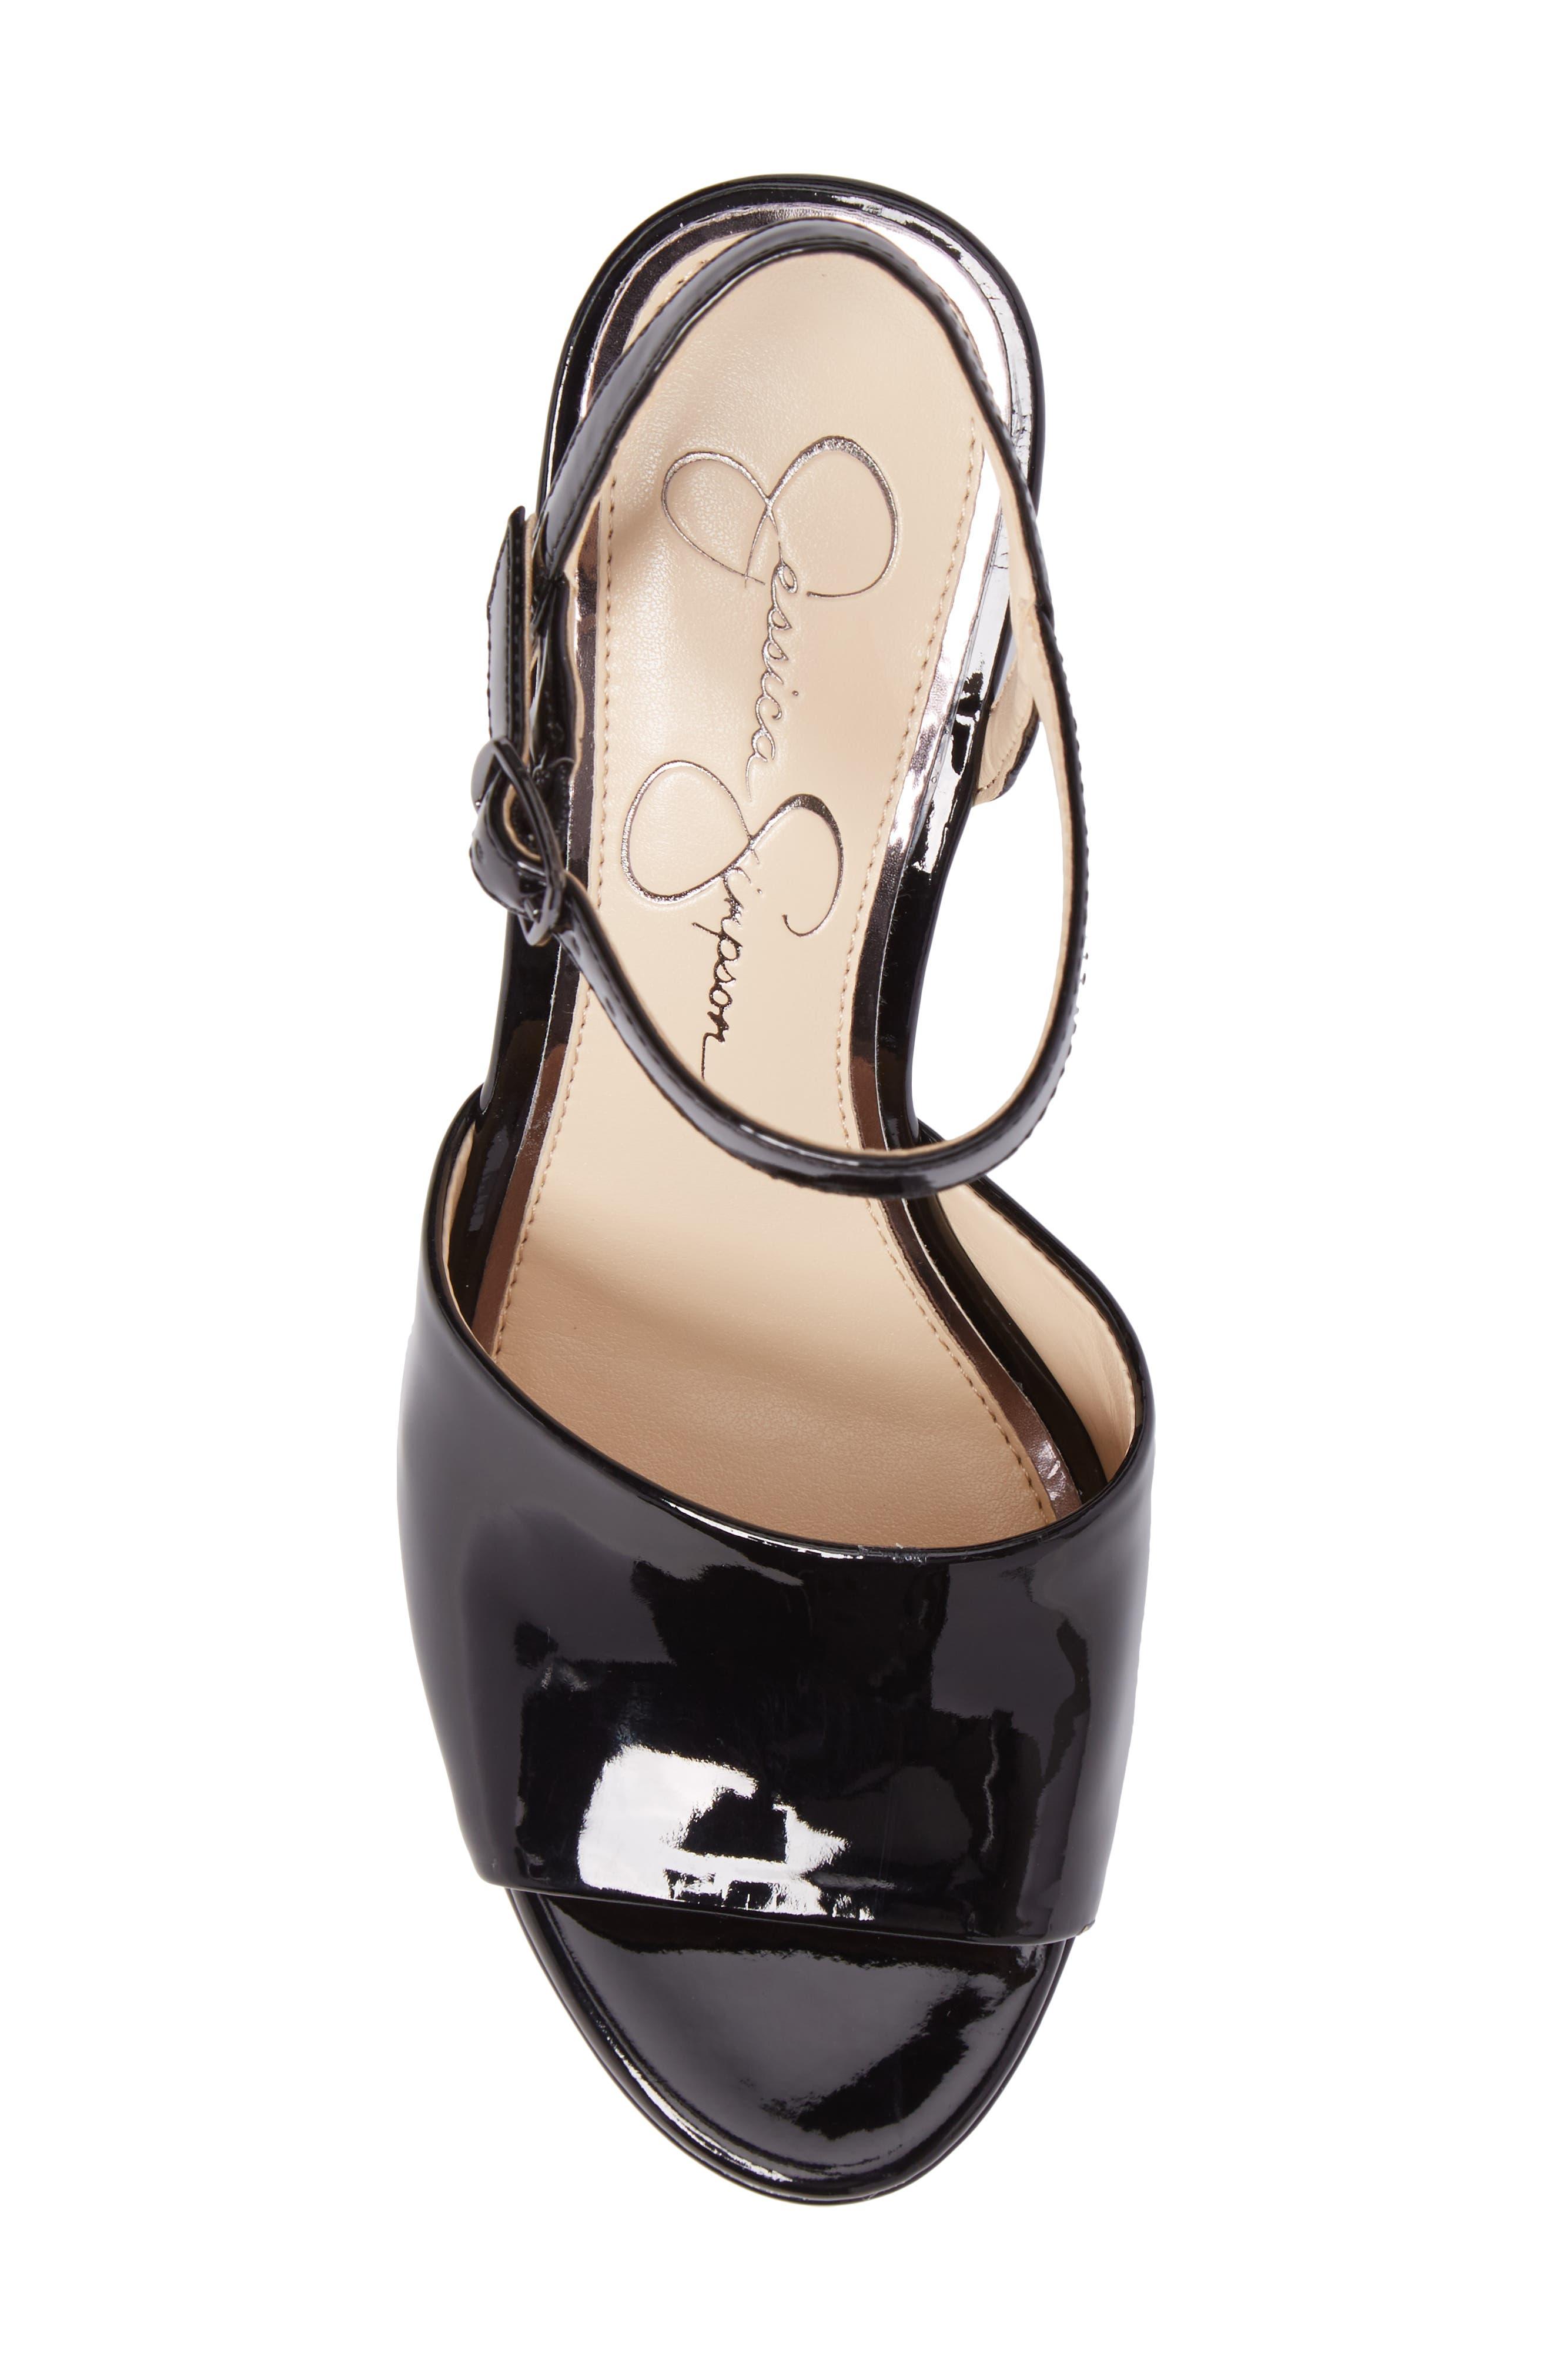 Kerrick Platform Sandal,                             Alternate thumbnail 5, color,                             Black Patent Leather